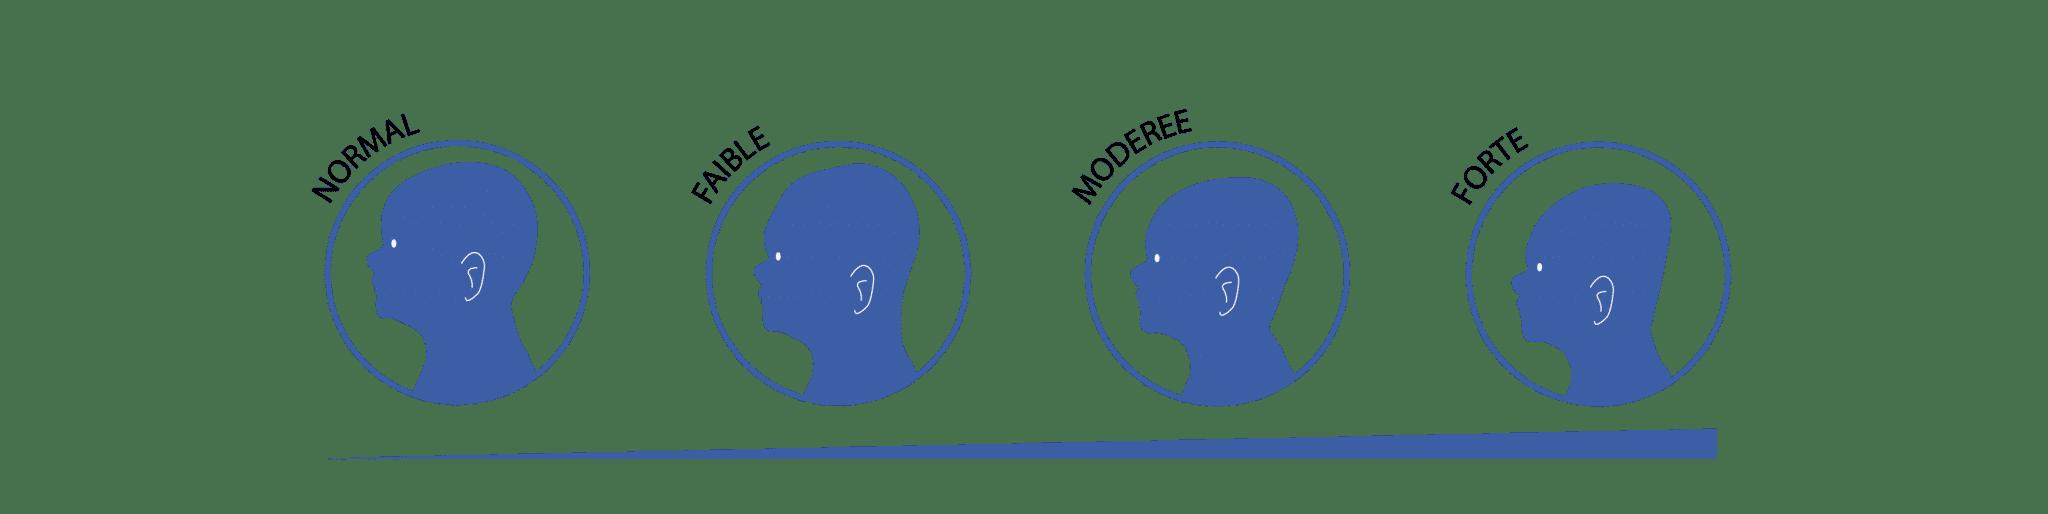 forme de têtes avec une craniocéphalie